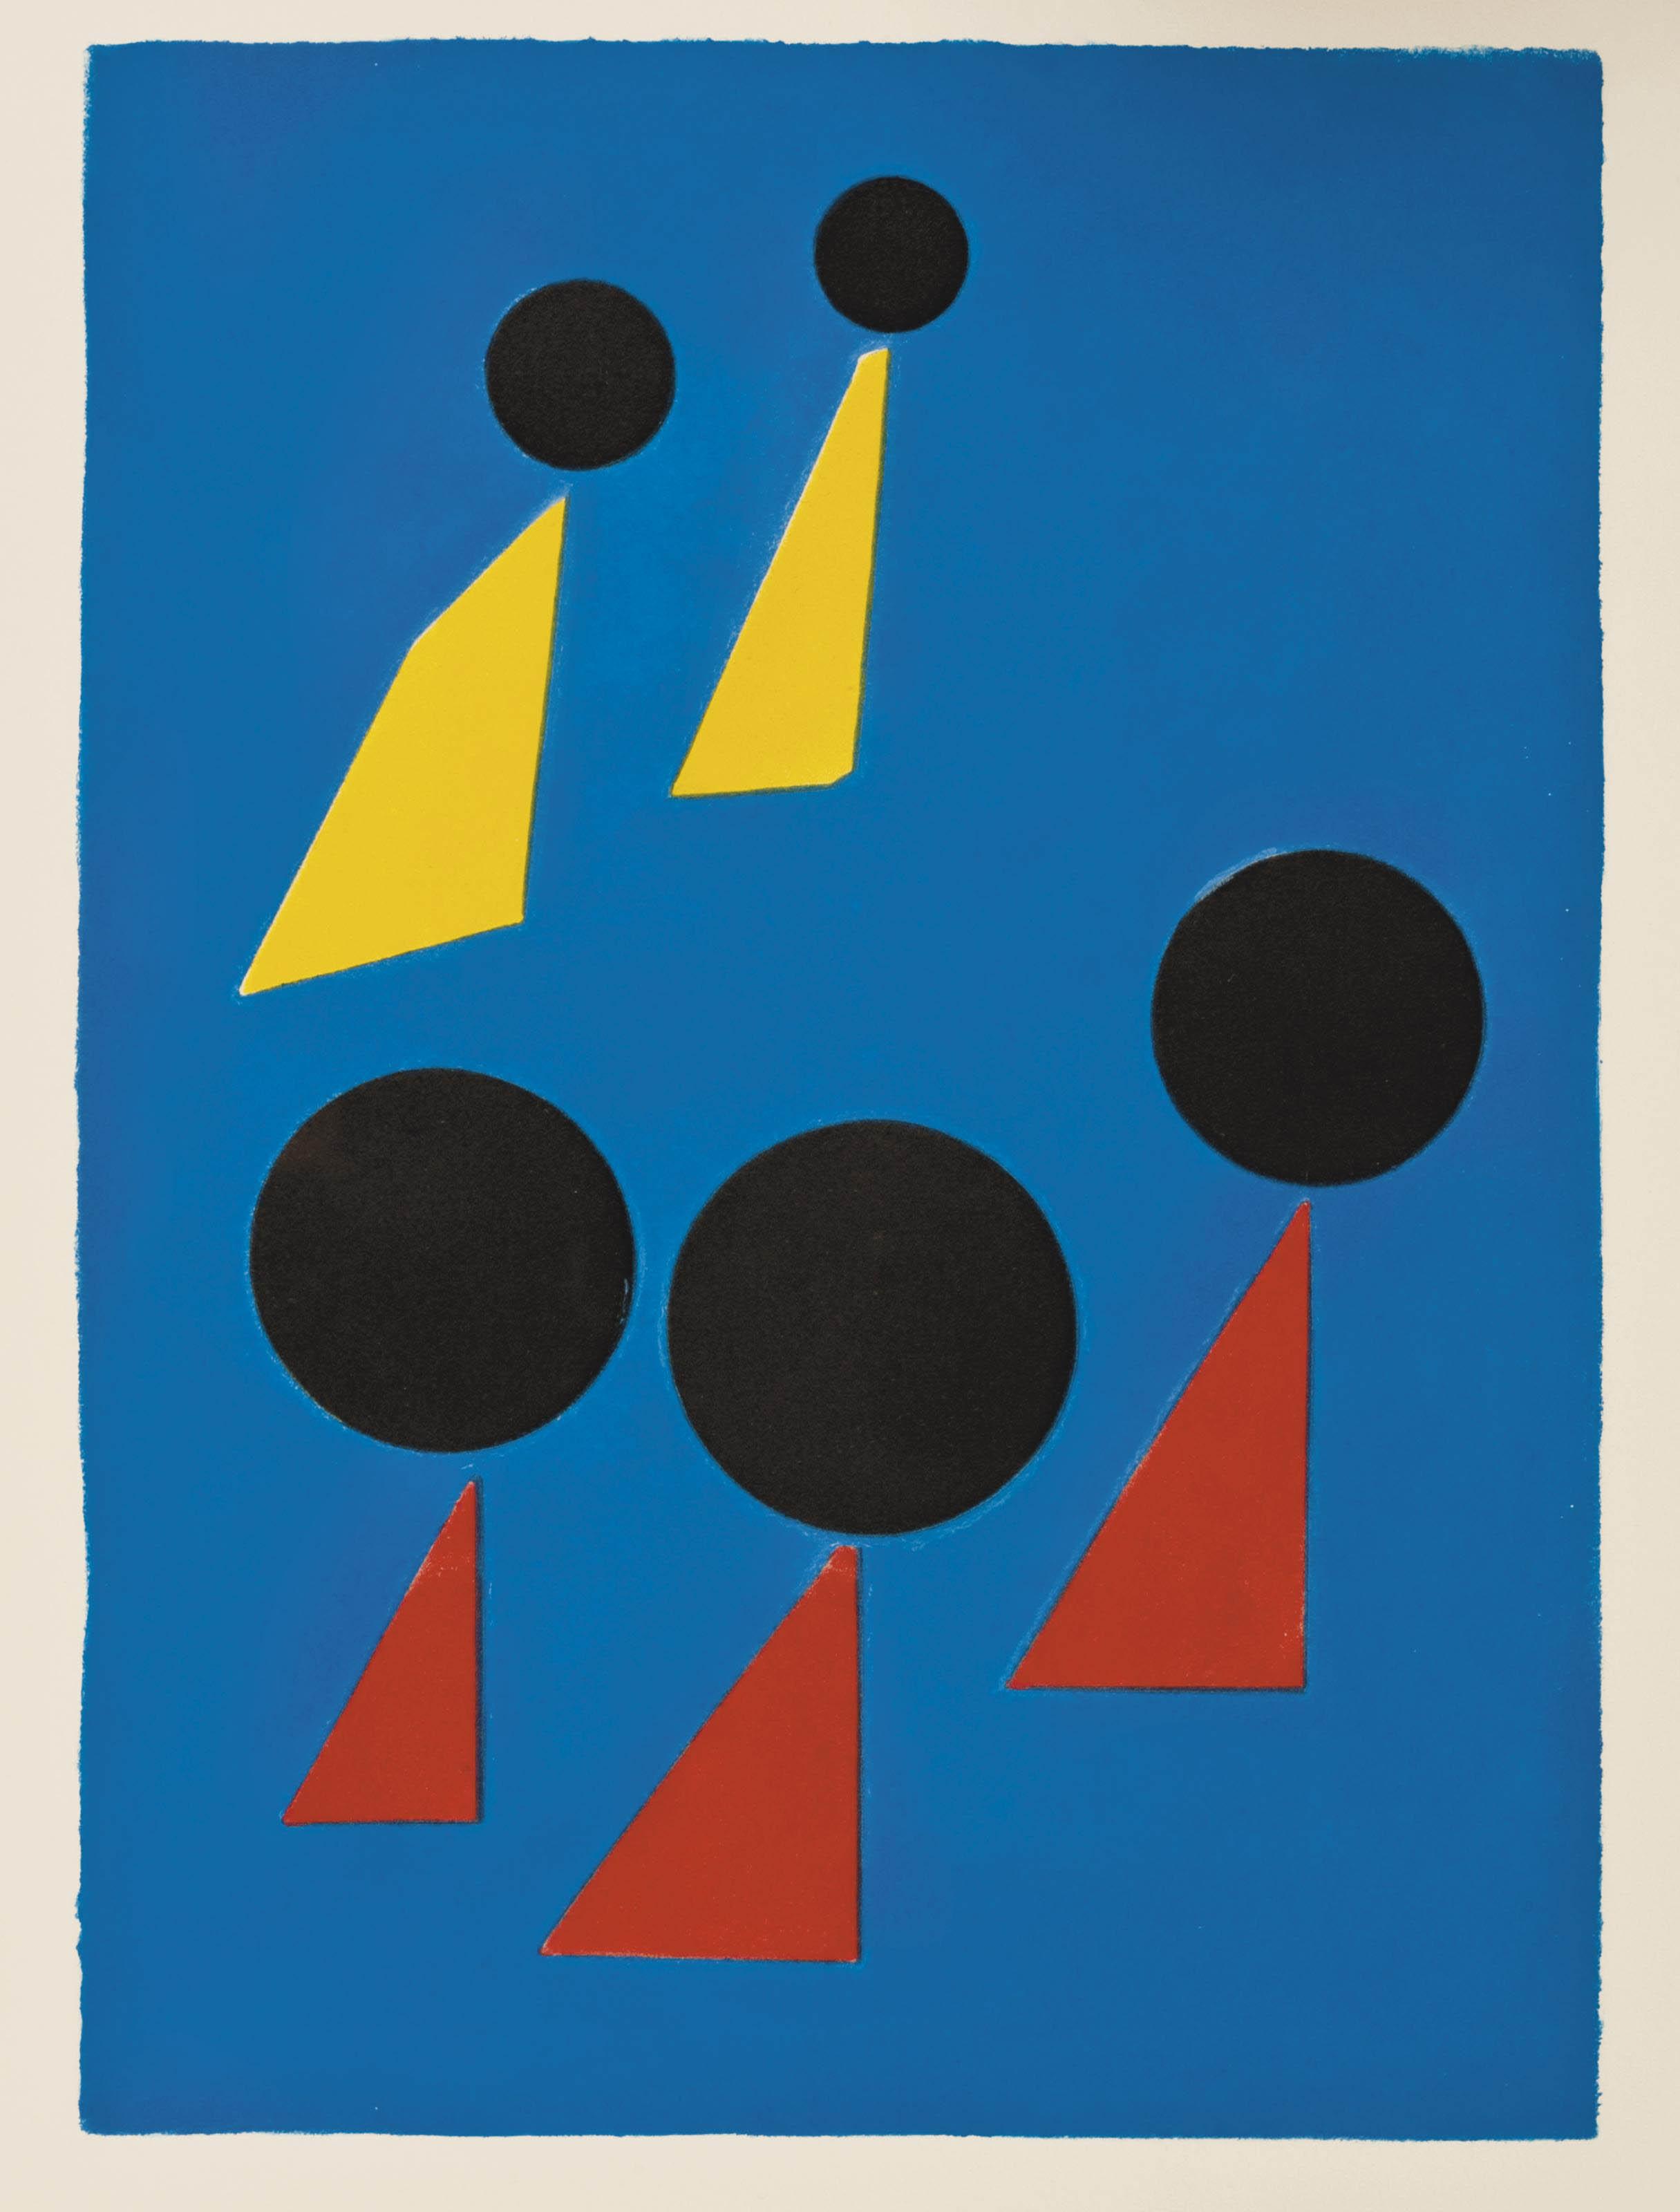 [CALDER] -- PRÉVERT, Jacques (1900-1977). Fêtes. Paris: Fequet et Baudier pour Maeght, 1971.